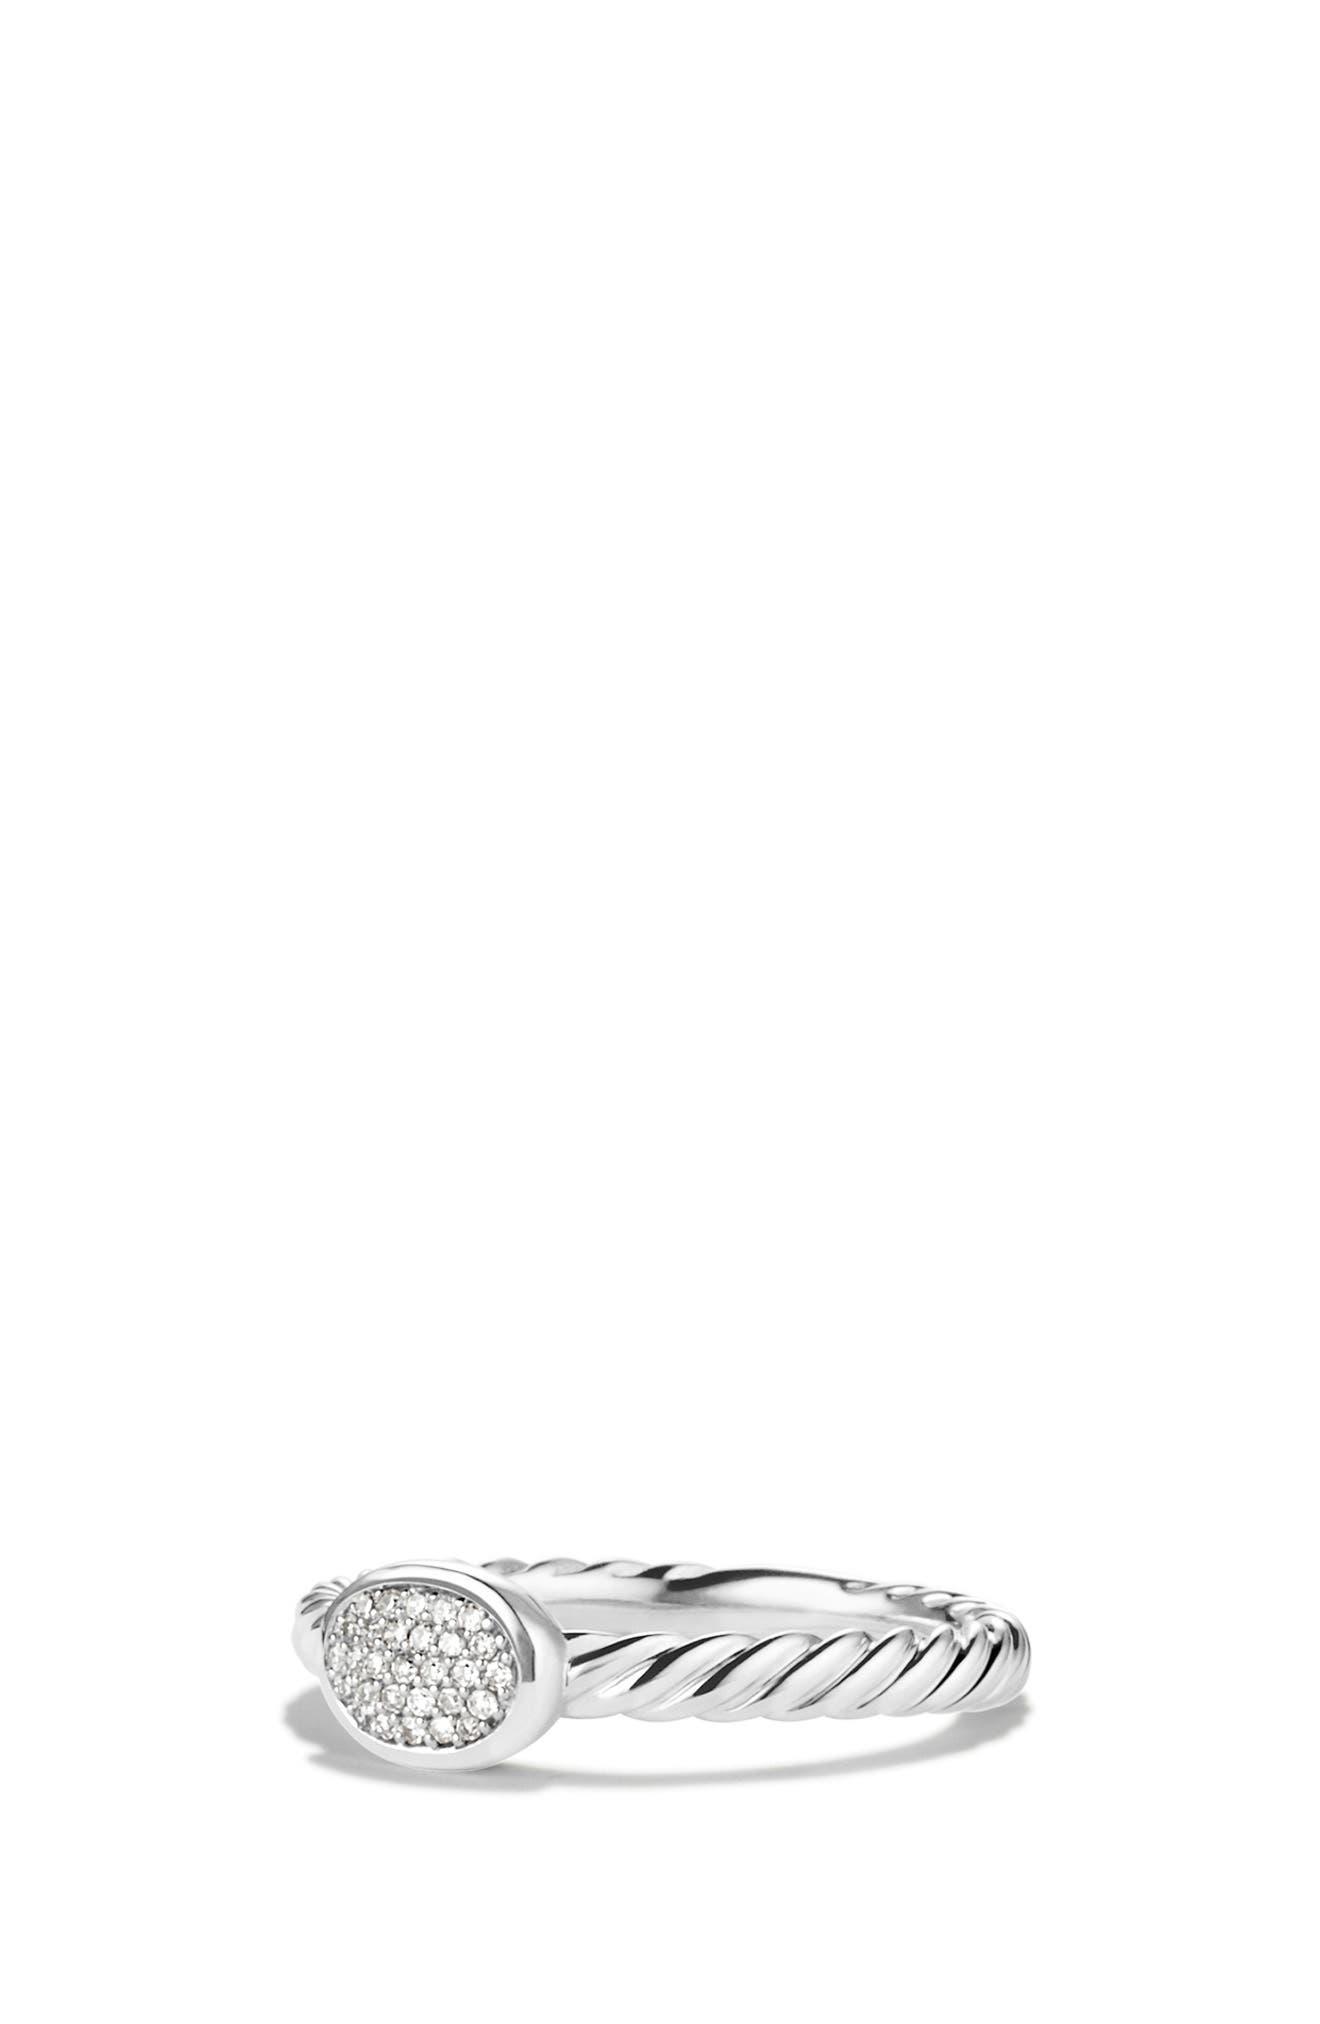 Petite Pavé Oval Ring with Diamonds, Main, color, DIAMOND